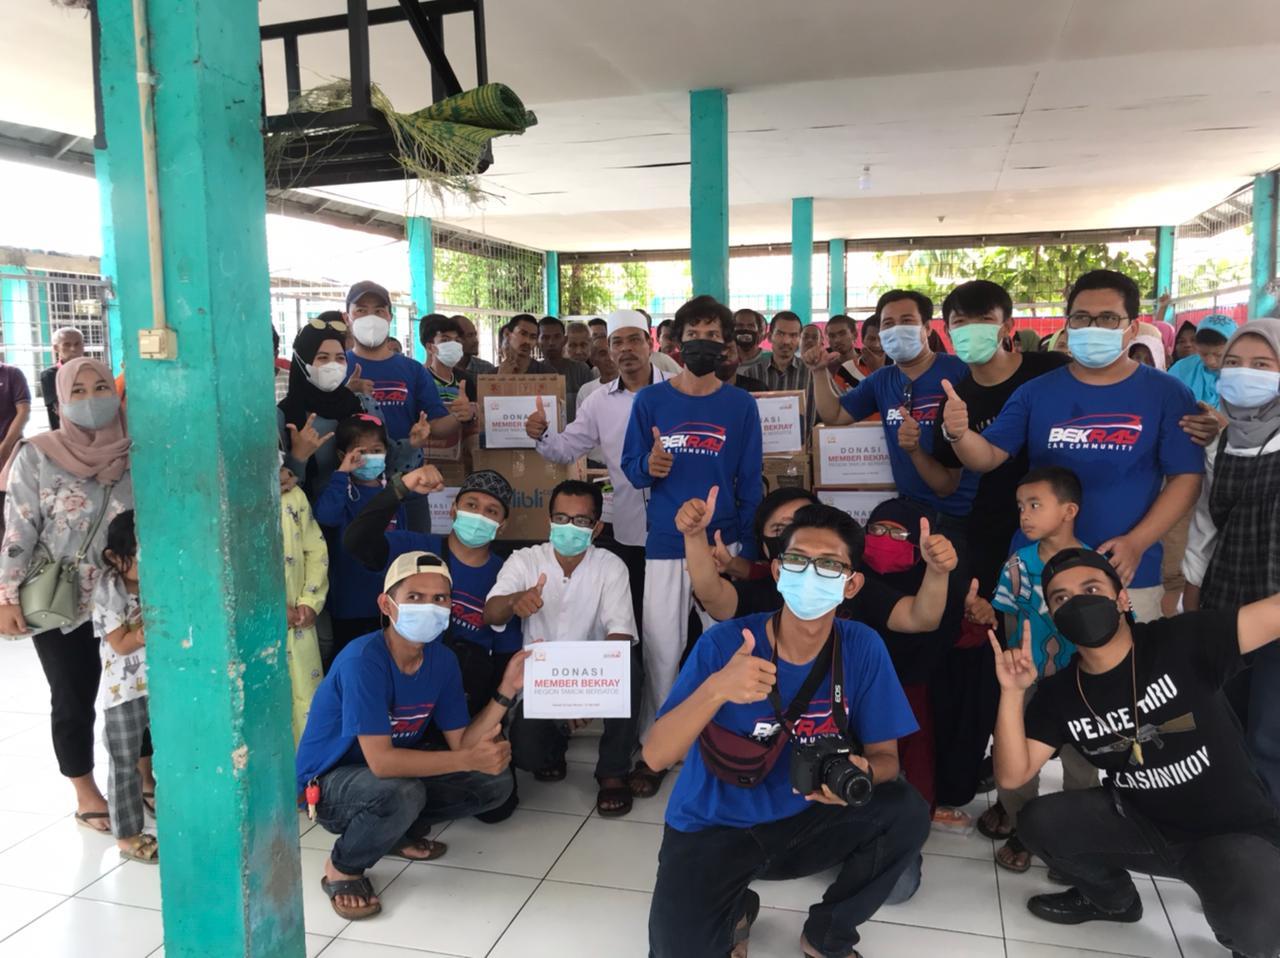 Komunitas Bekray Car Community Region Tambun Cikarang Bersatoe Adakan Kegiatan Sosial, Sabtu, (1/5).